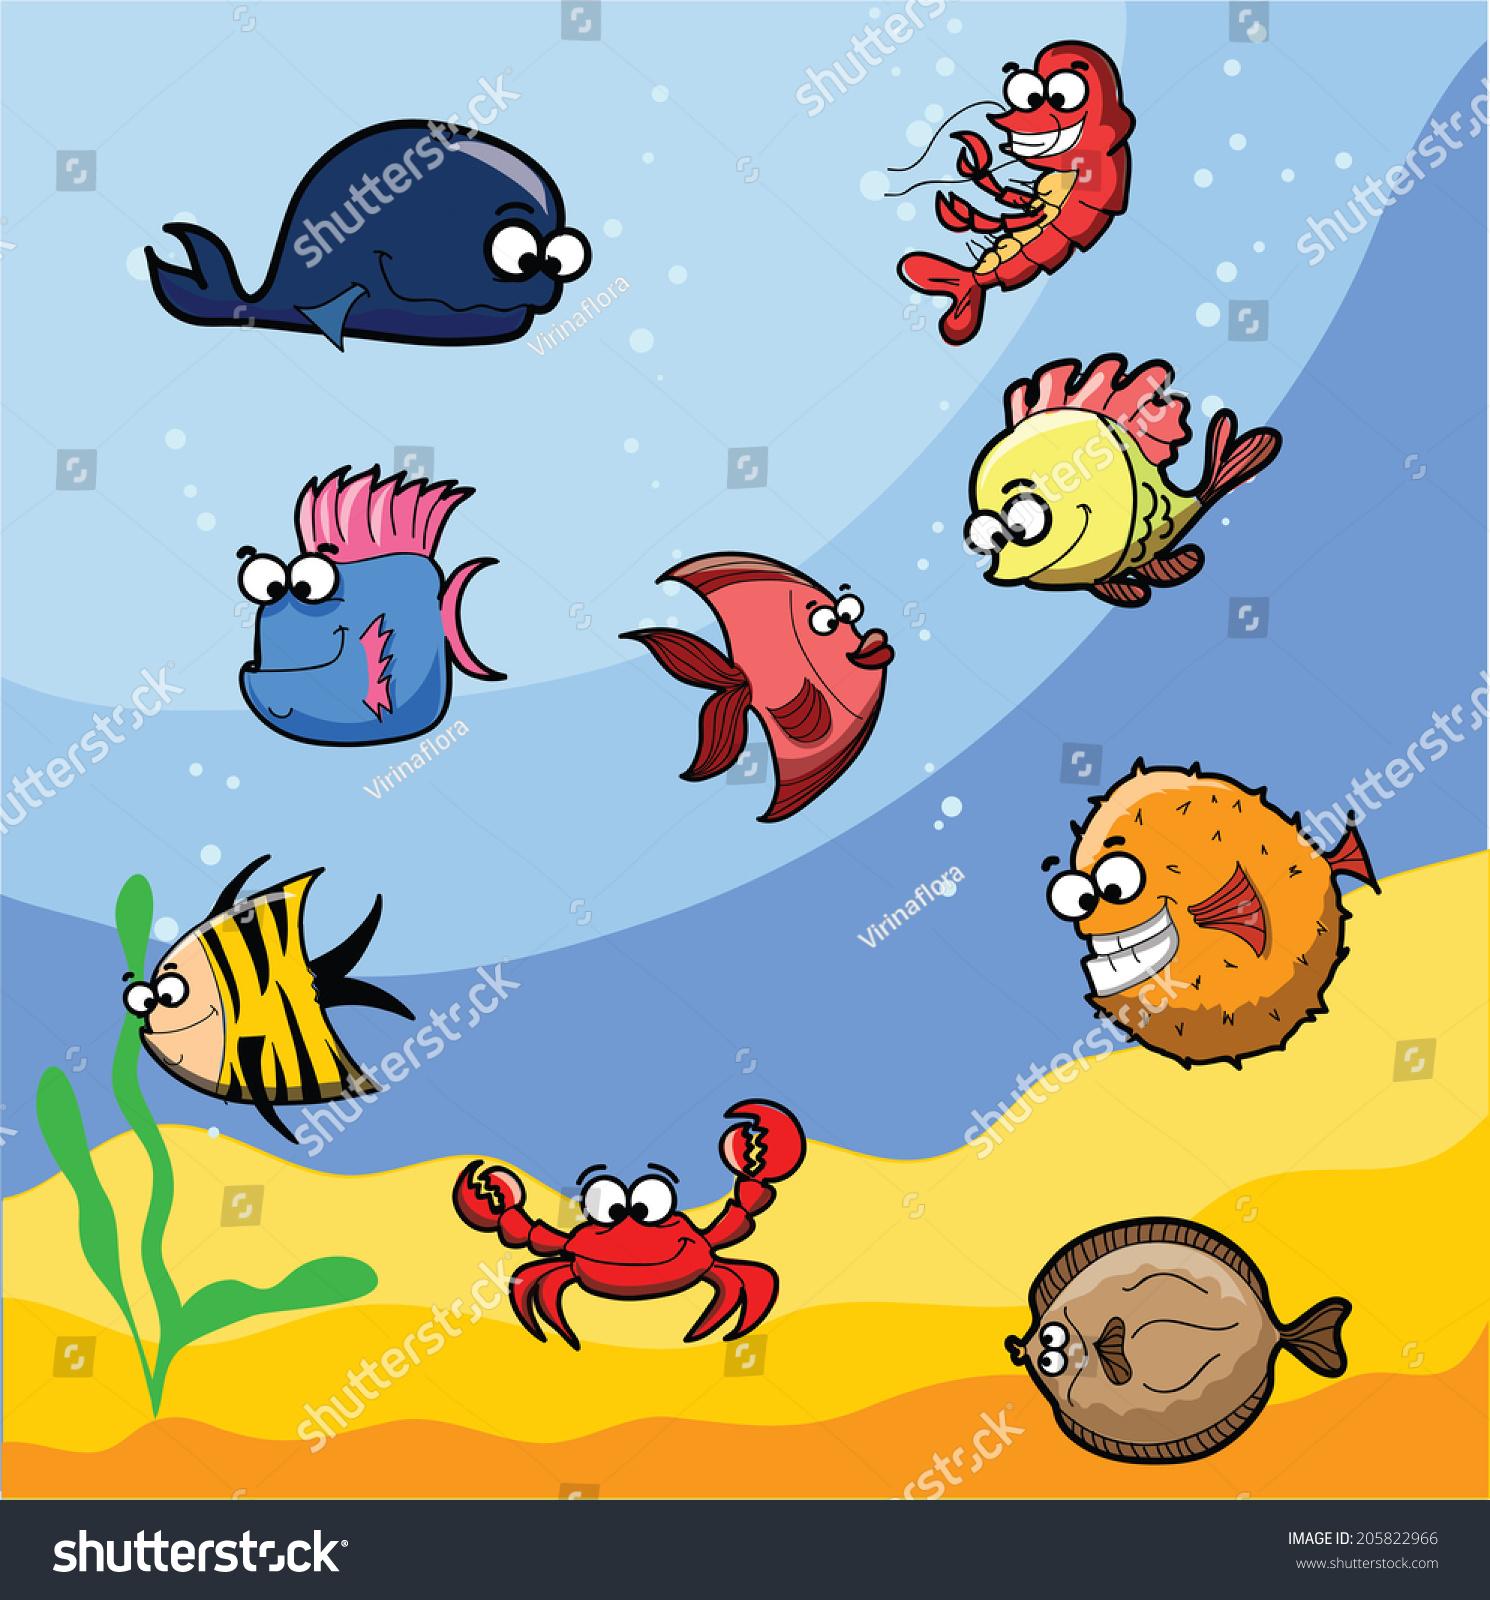 卡通可爱的海洋鱼类-动物/野生生物